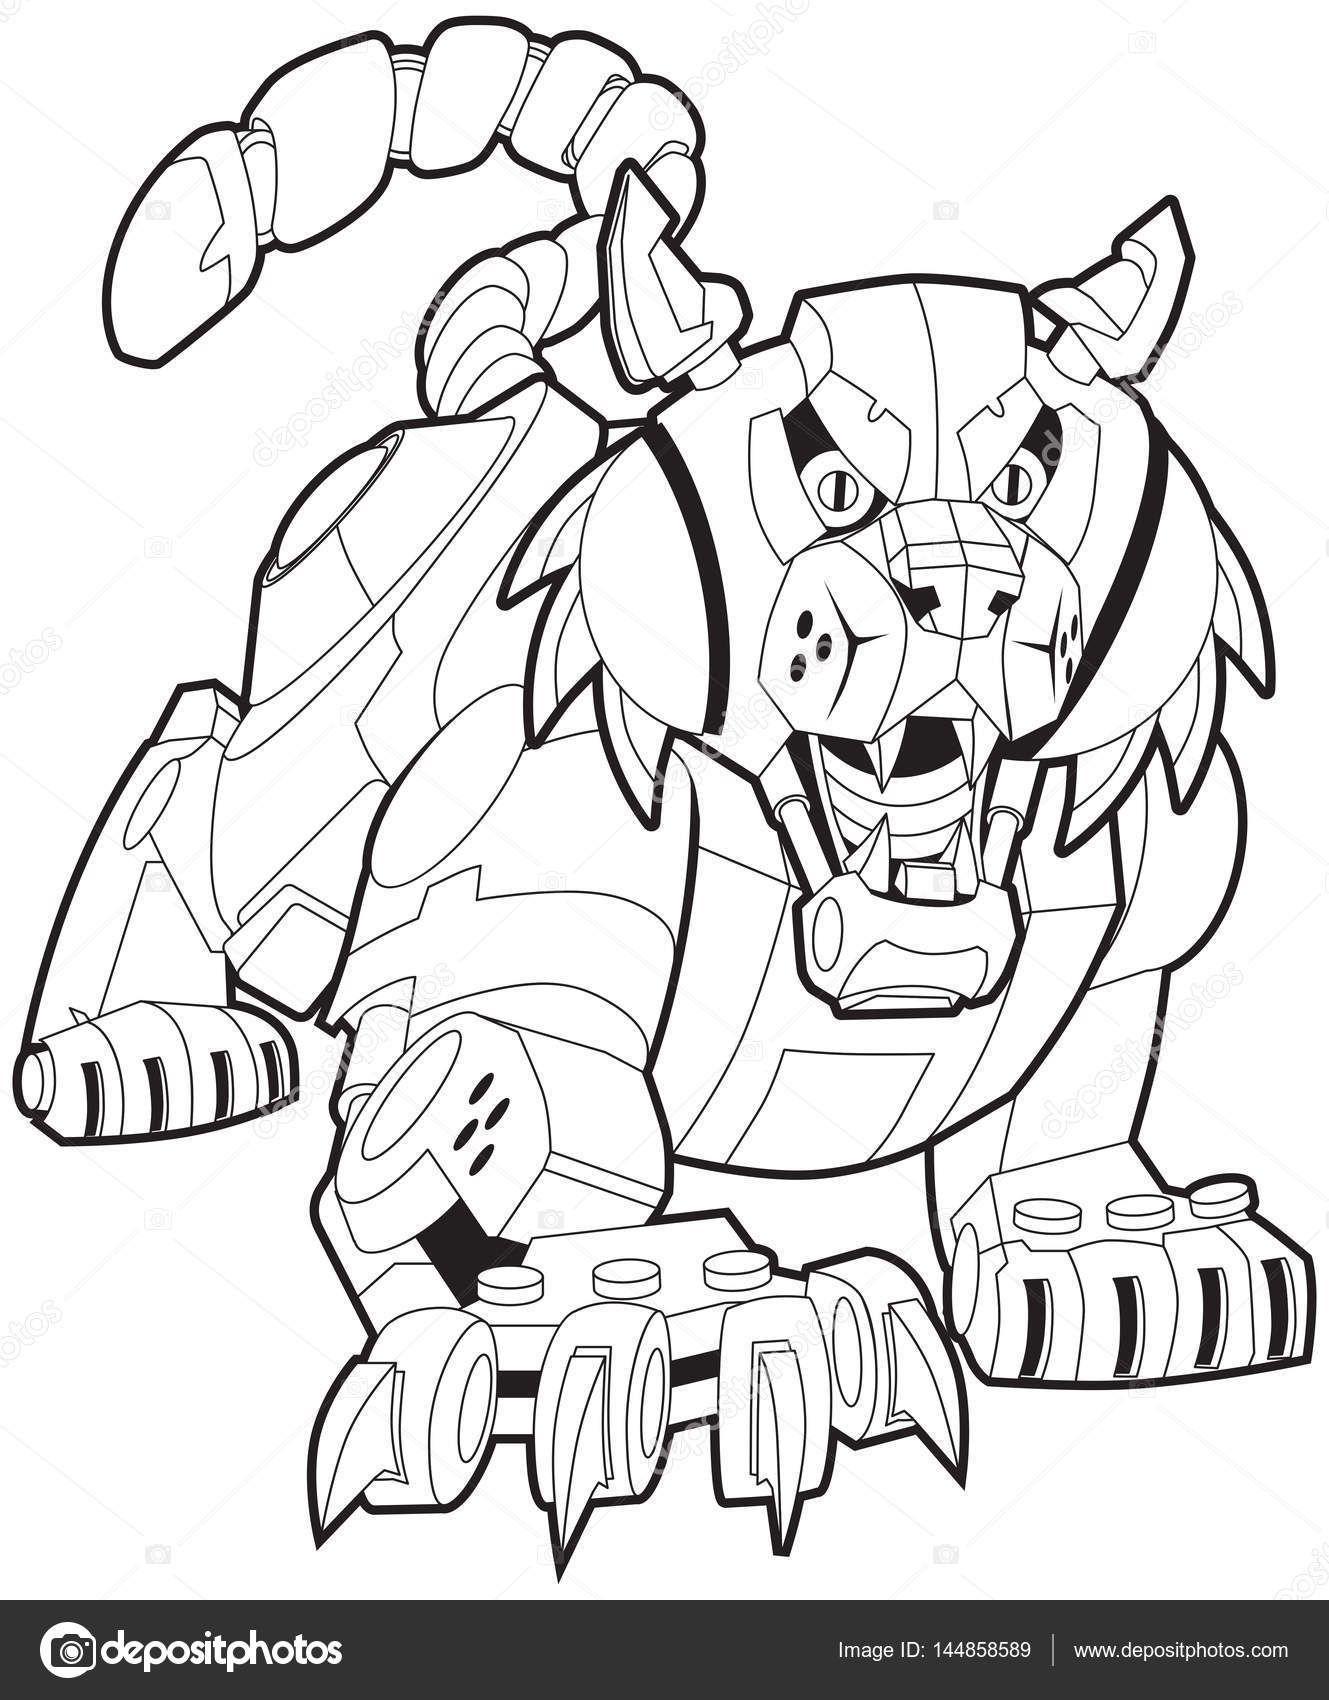 Wildcat Mascot Designs